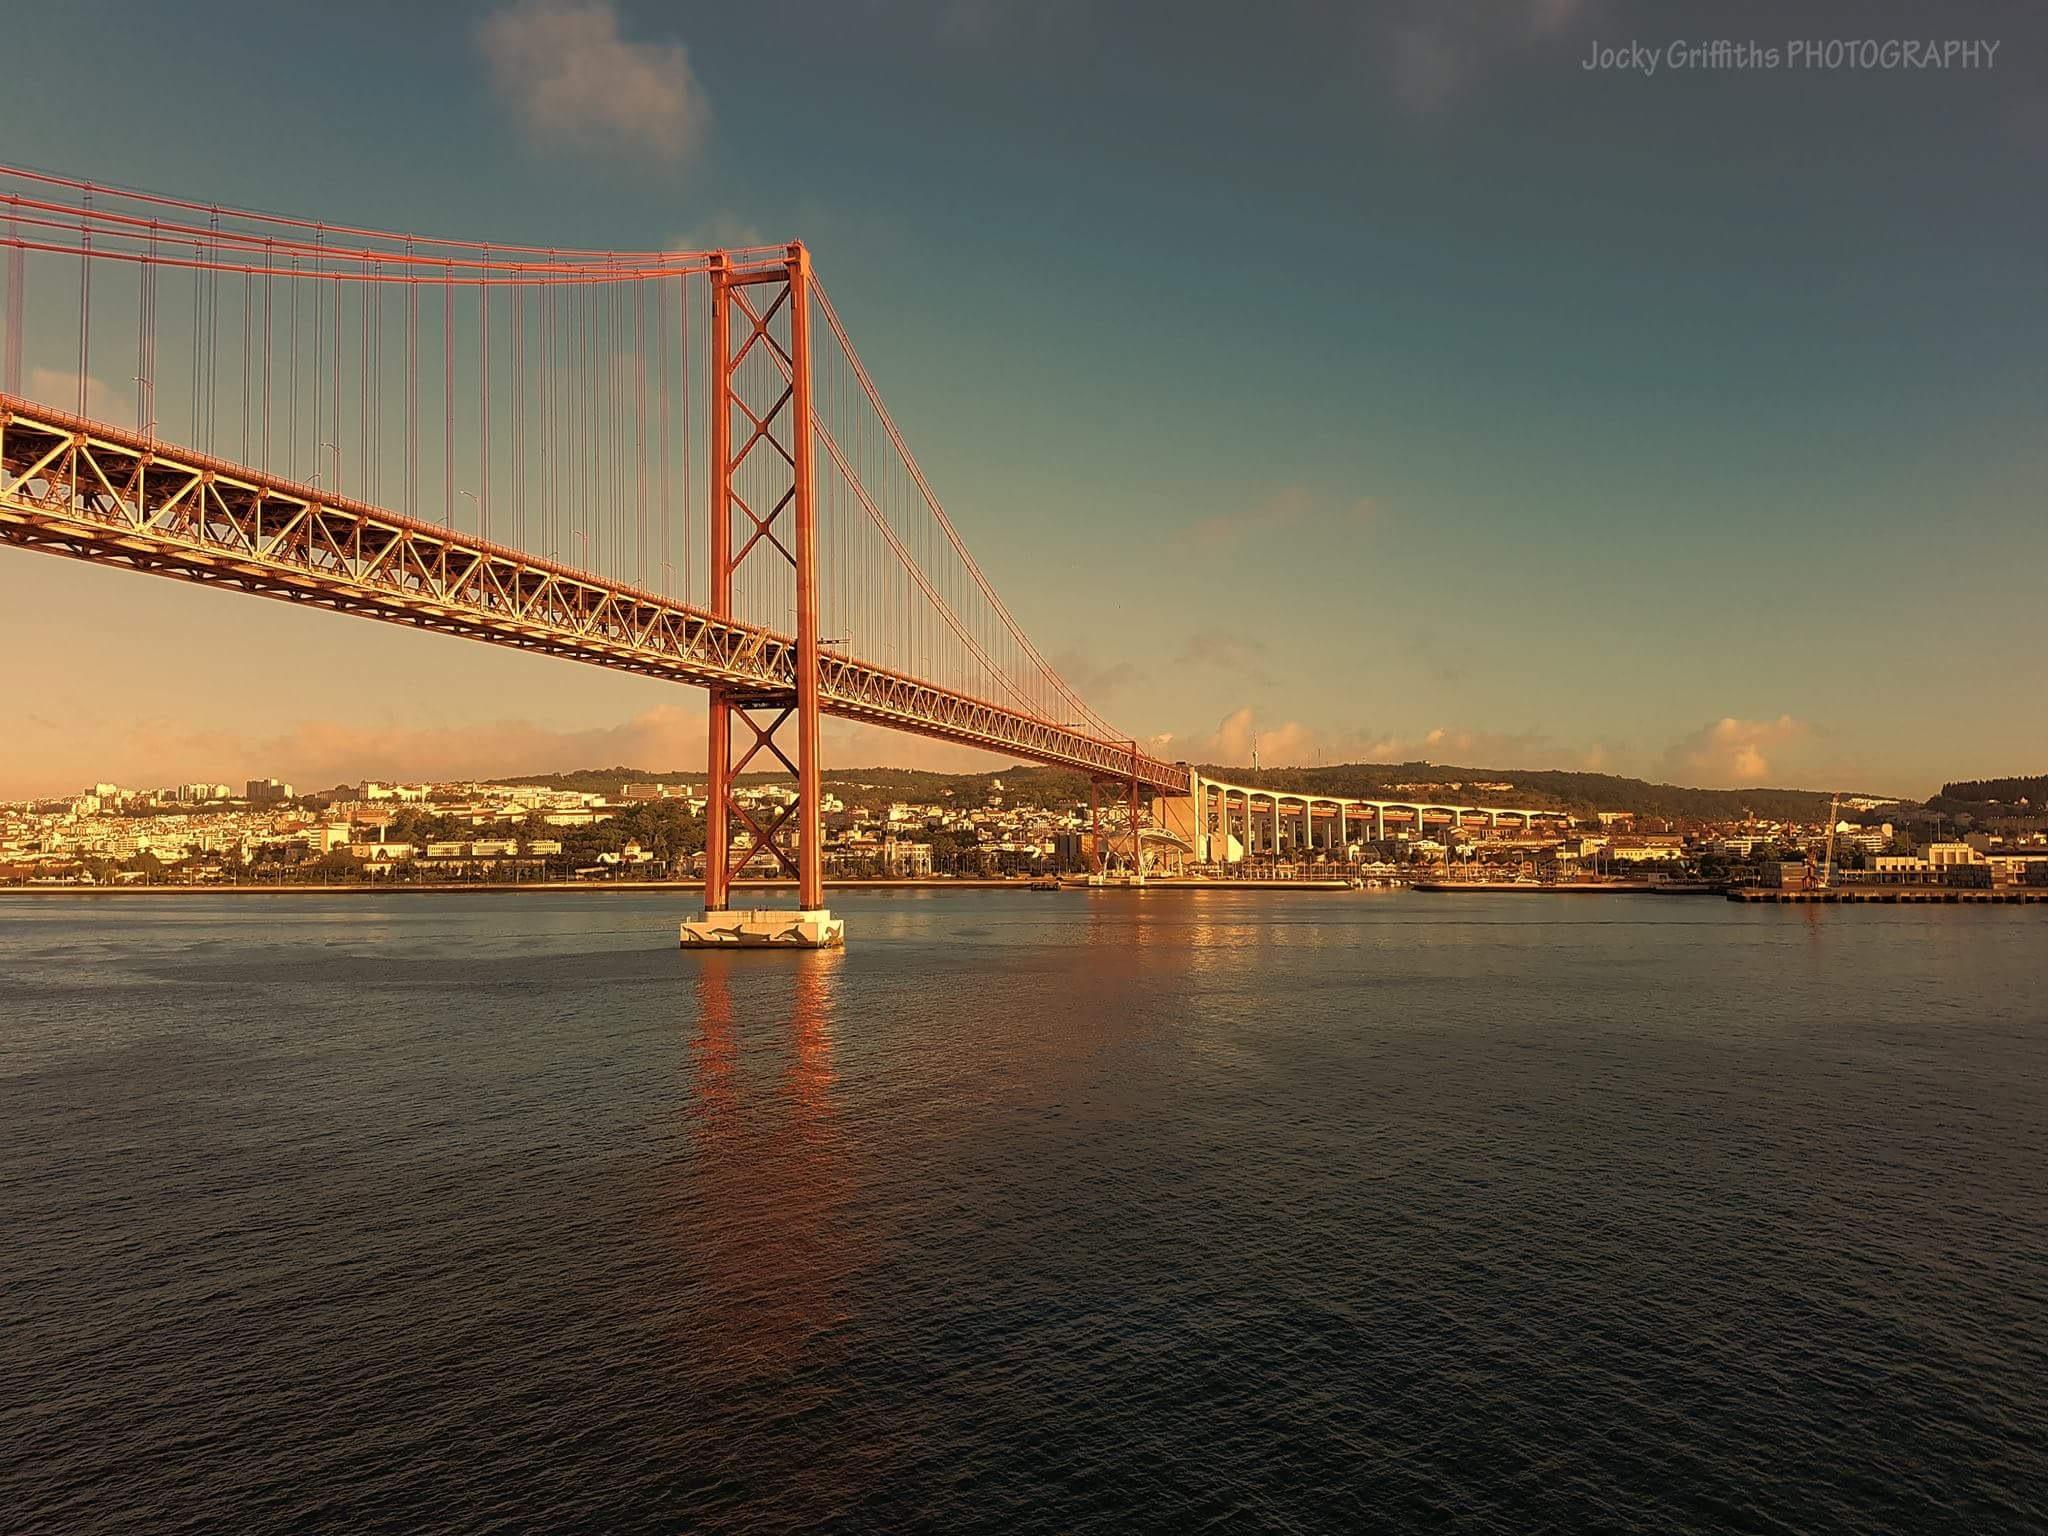 Lisbon Bridge by John Griffiths